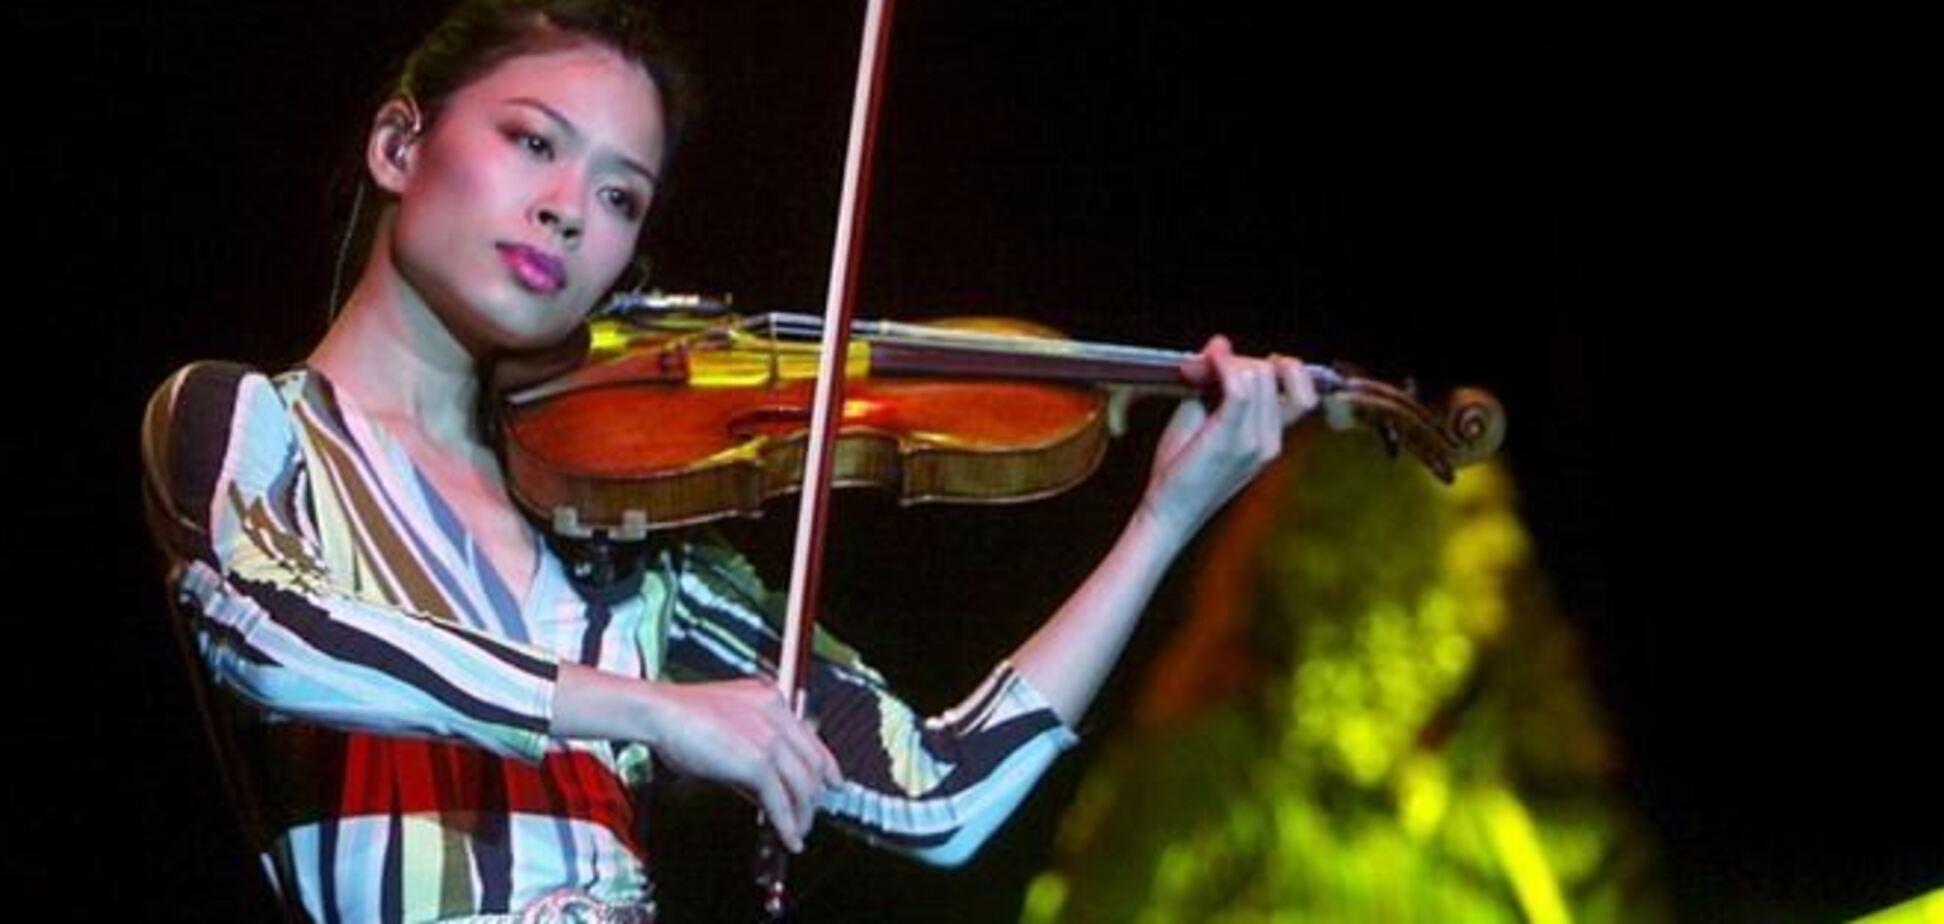 Скрипачка Ванесса Мэй поборется за медаль на Олимпиаде-2014